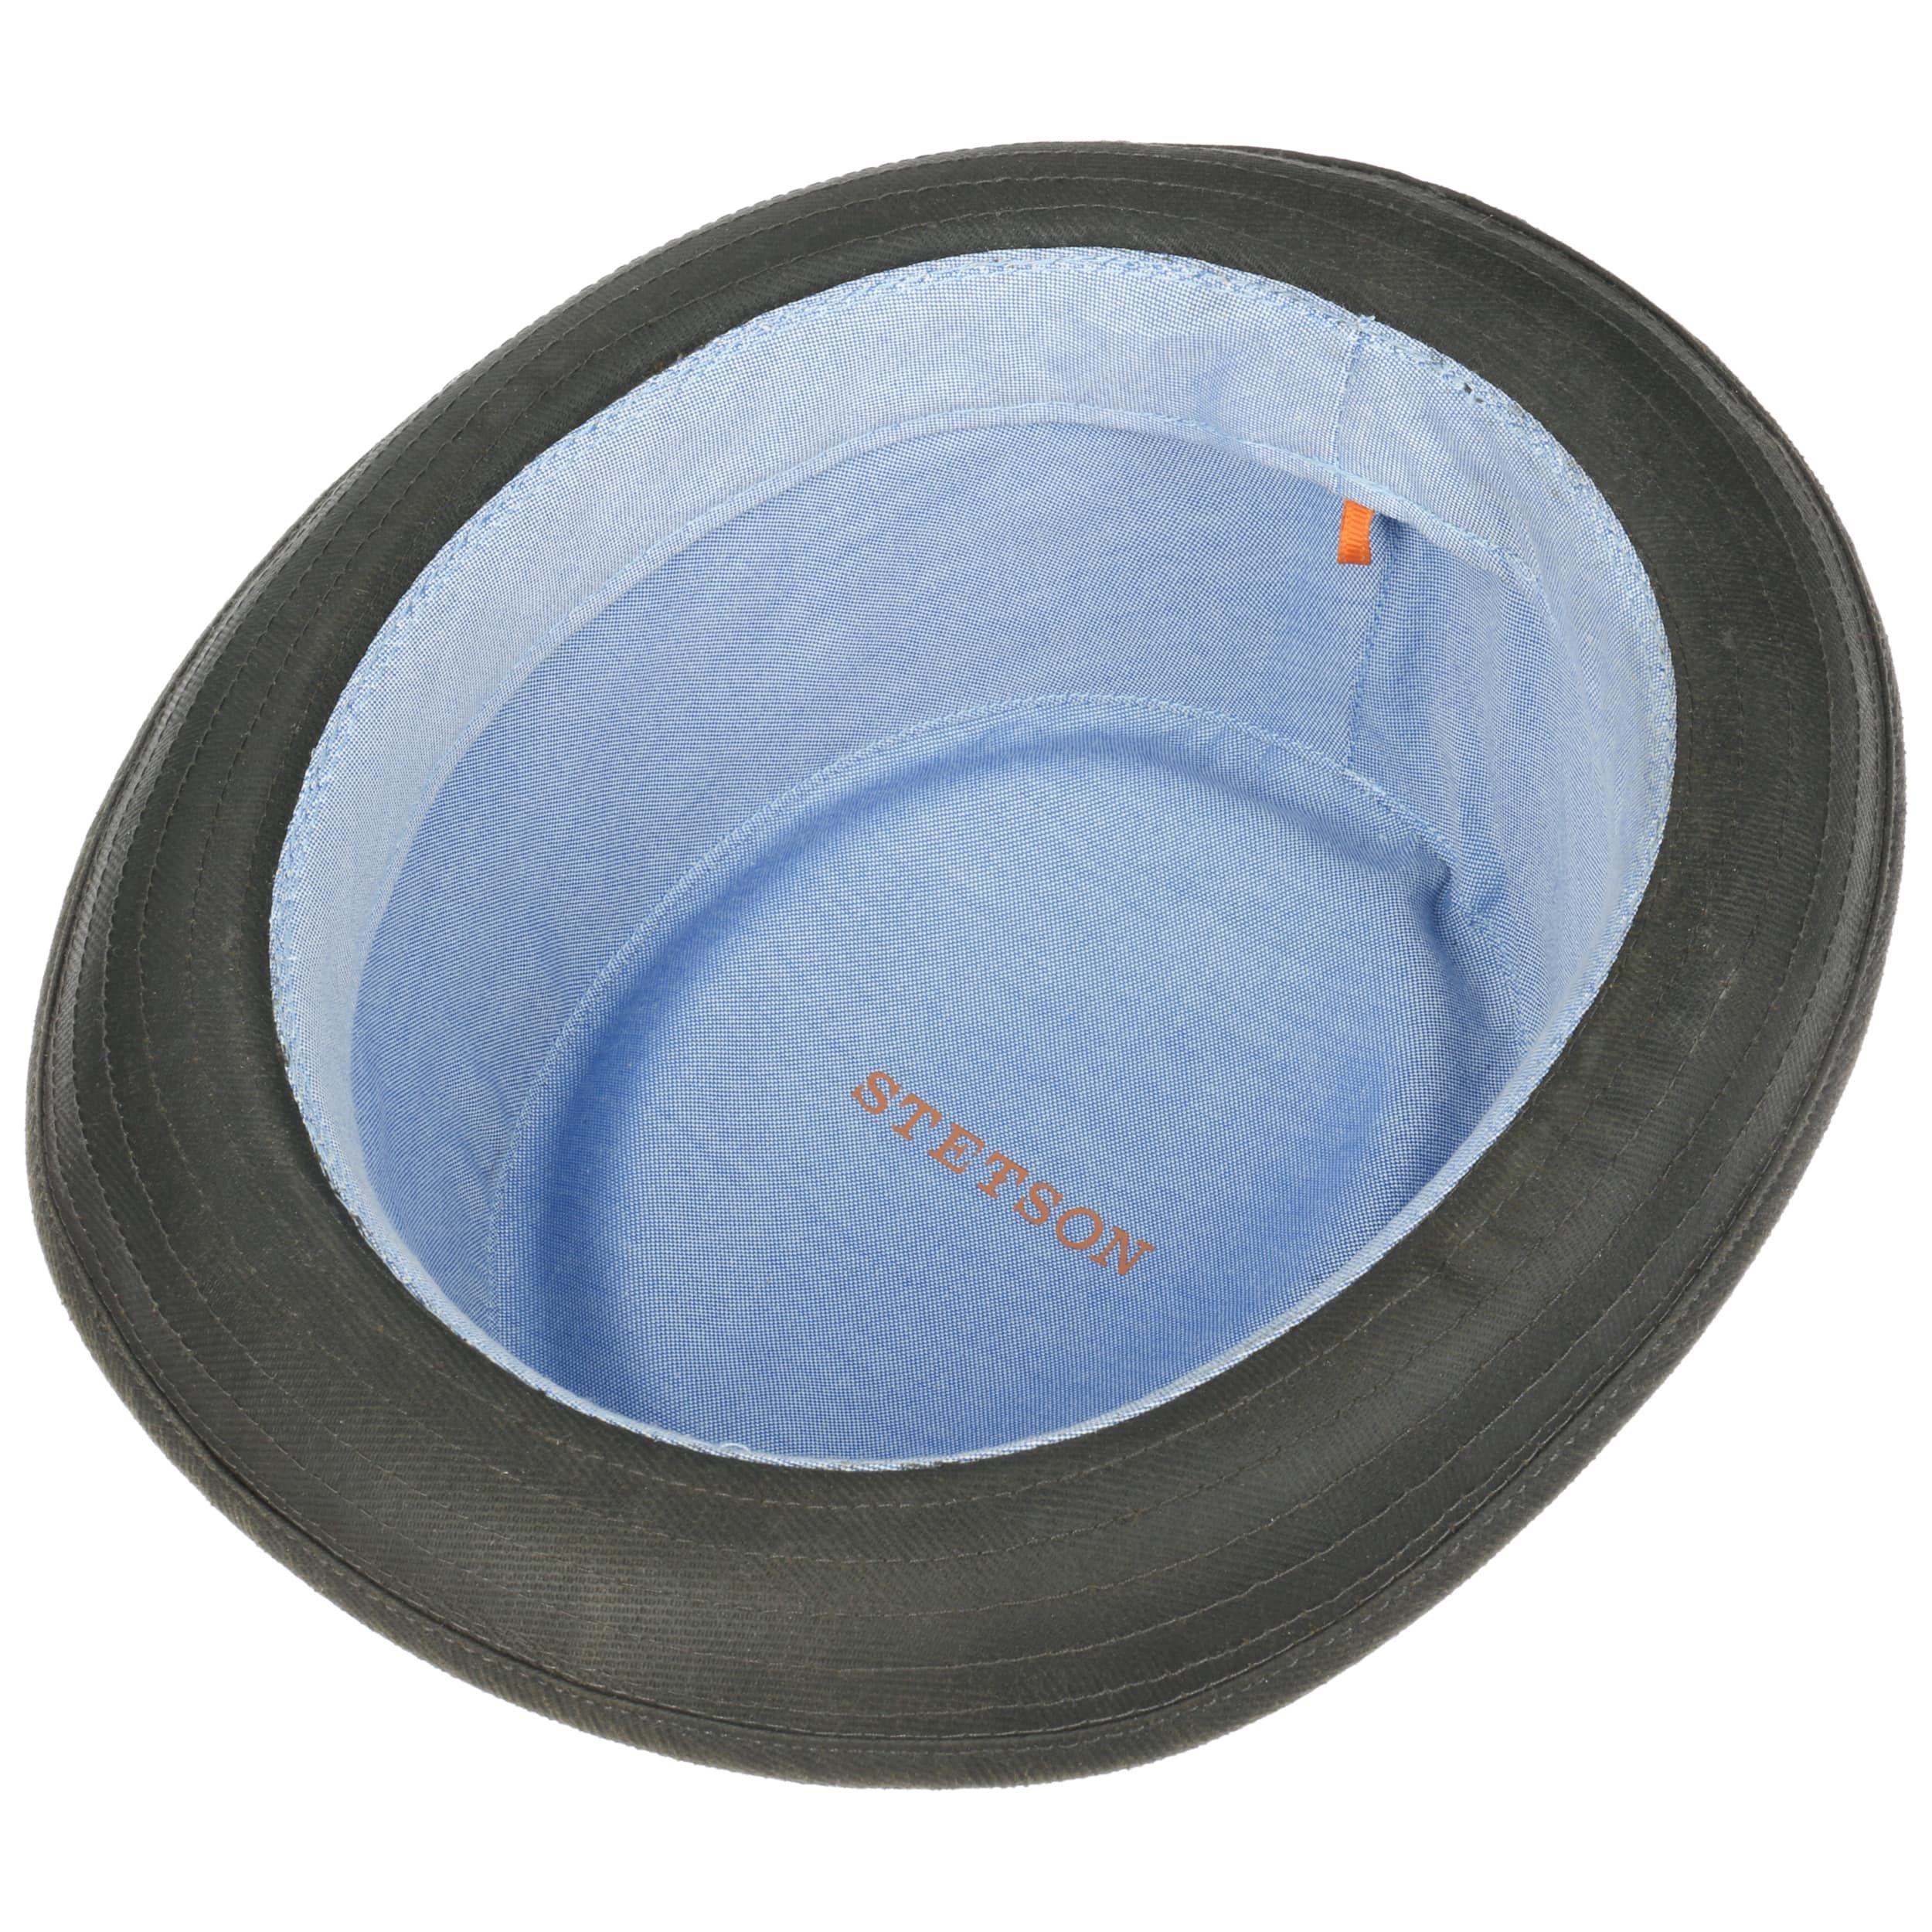 Tarco Pork Pie Sun Protection Hat darkolive